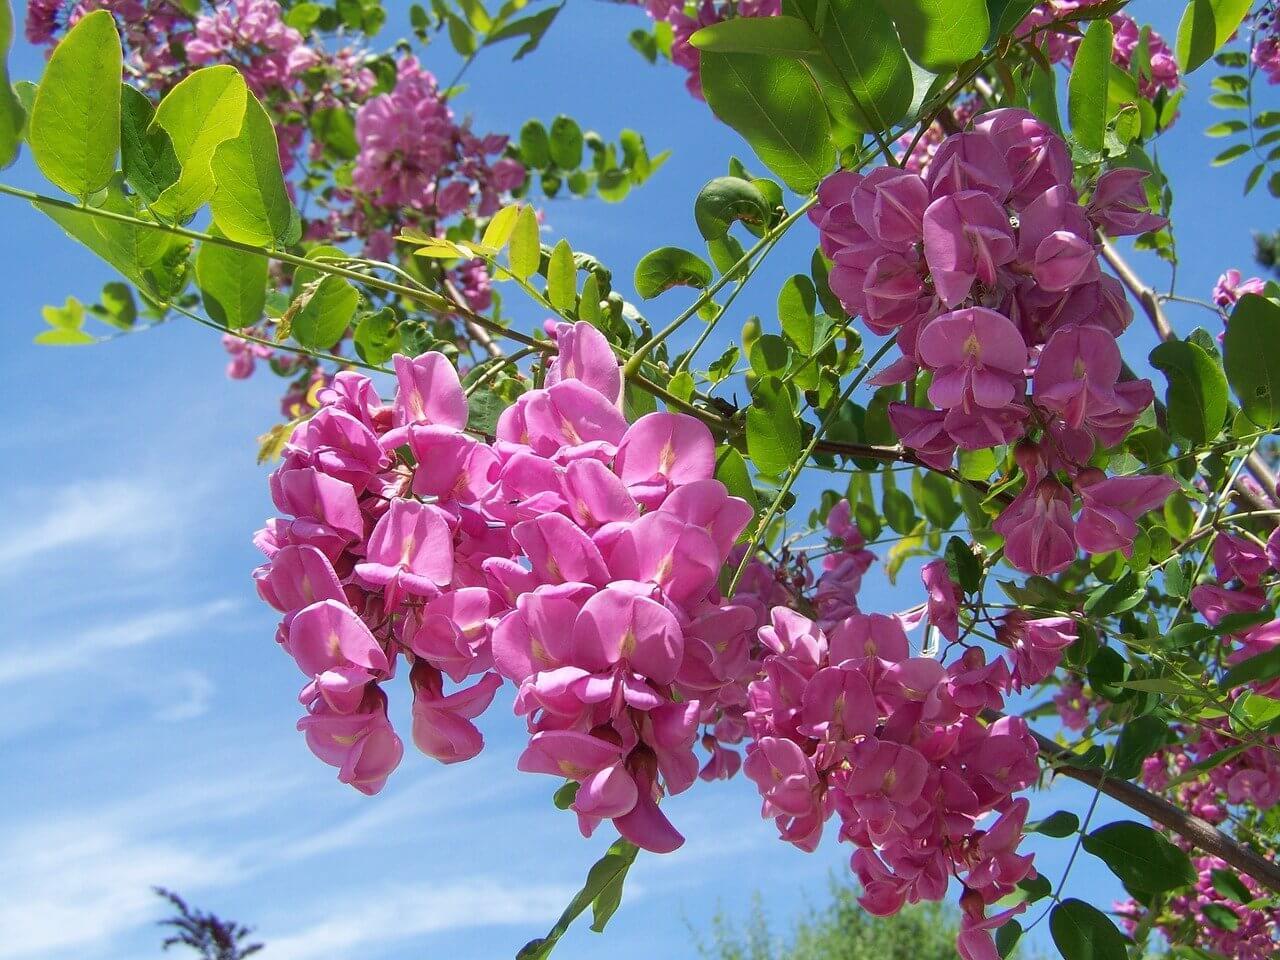 Qué significado tiene la acacia rosa